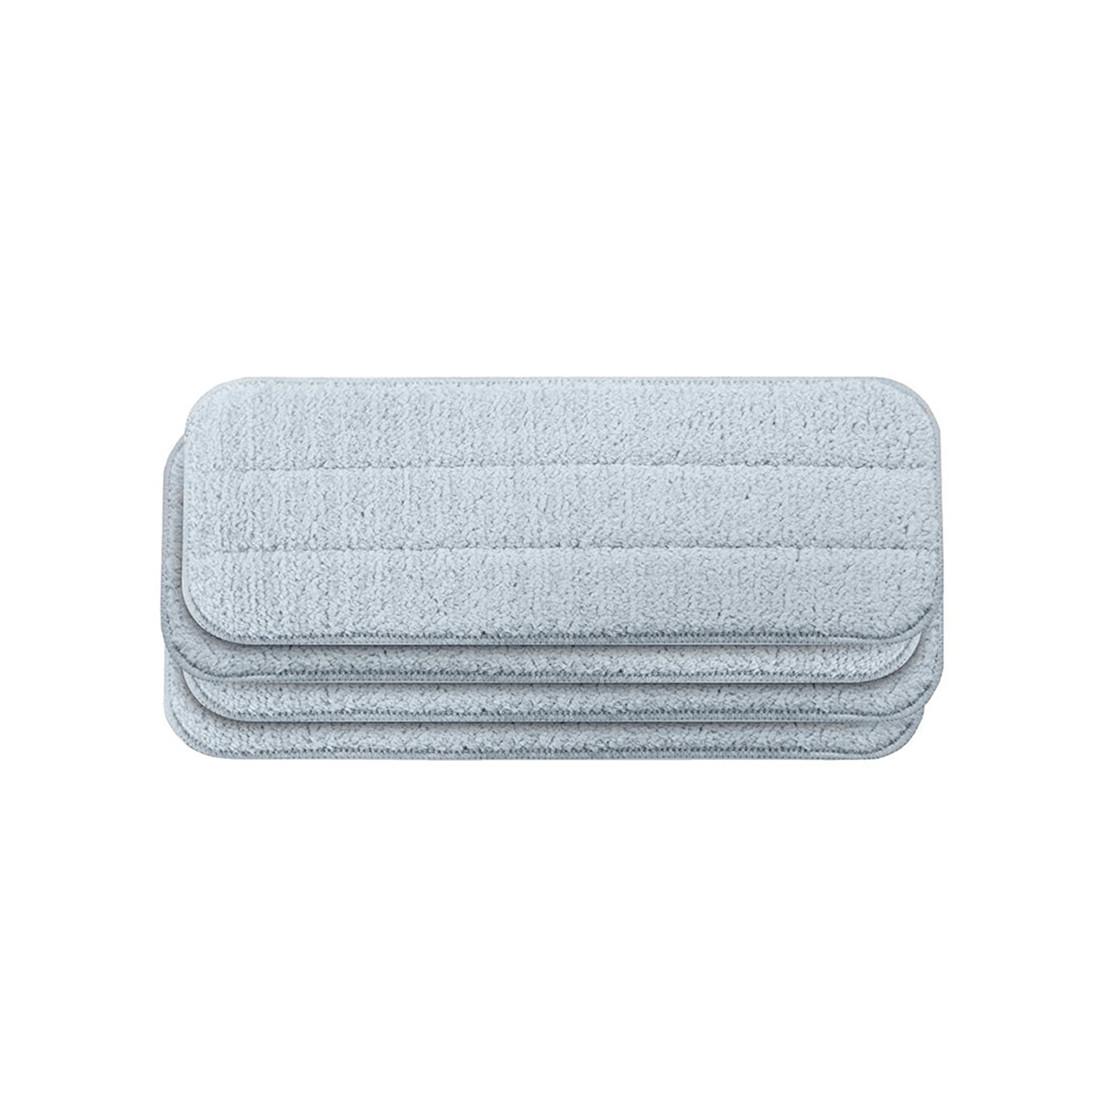 Насадка для швабры двухсторонняя из микрофибры для Deerma Spray Mop TB500 TB01 (4 шт)